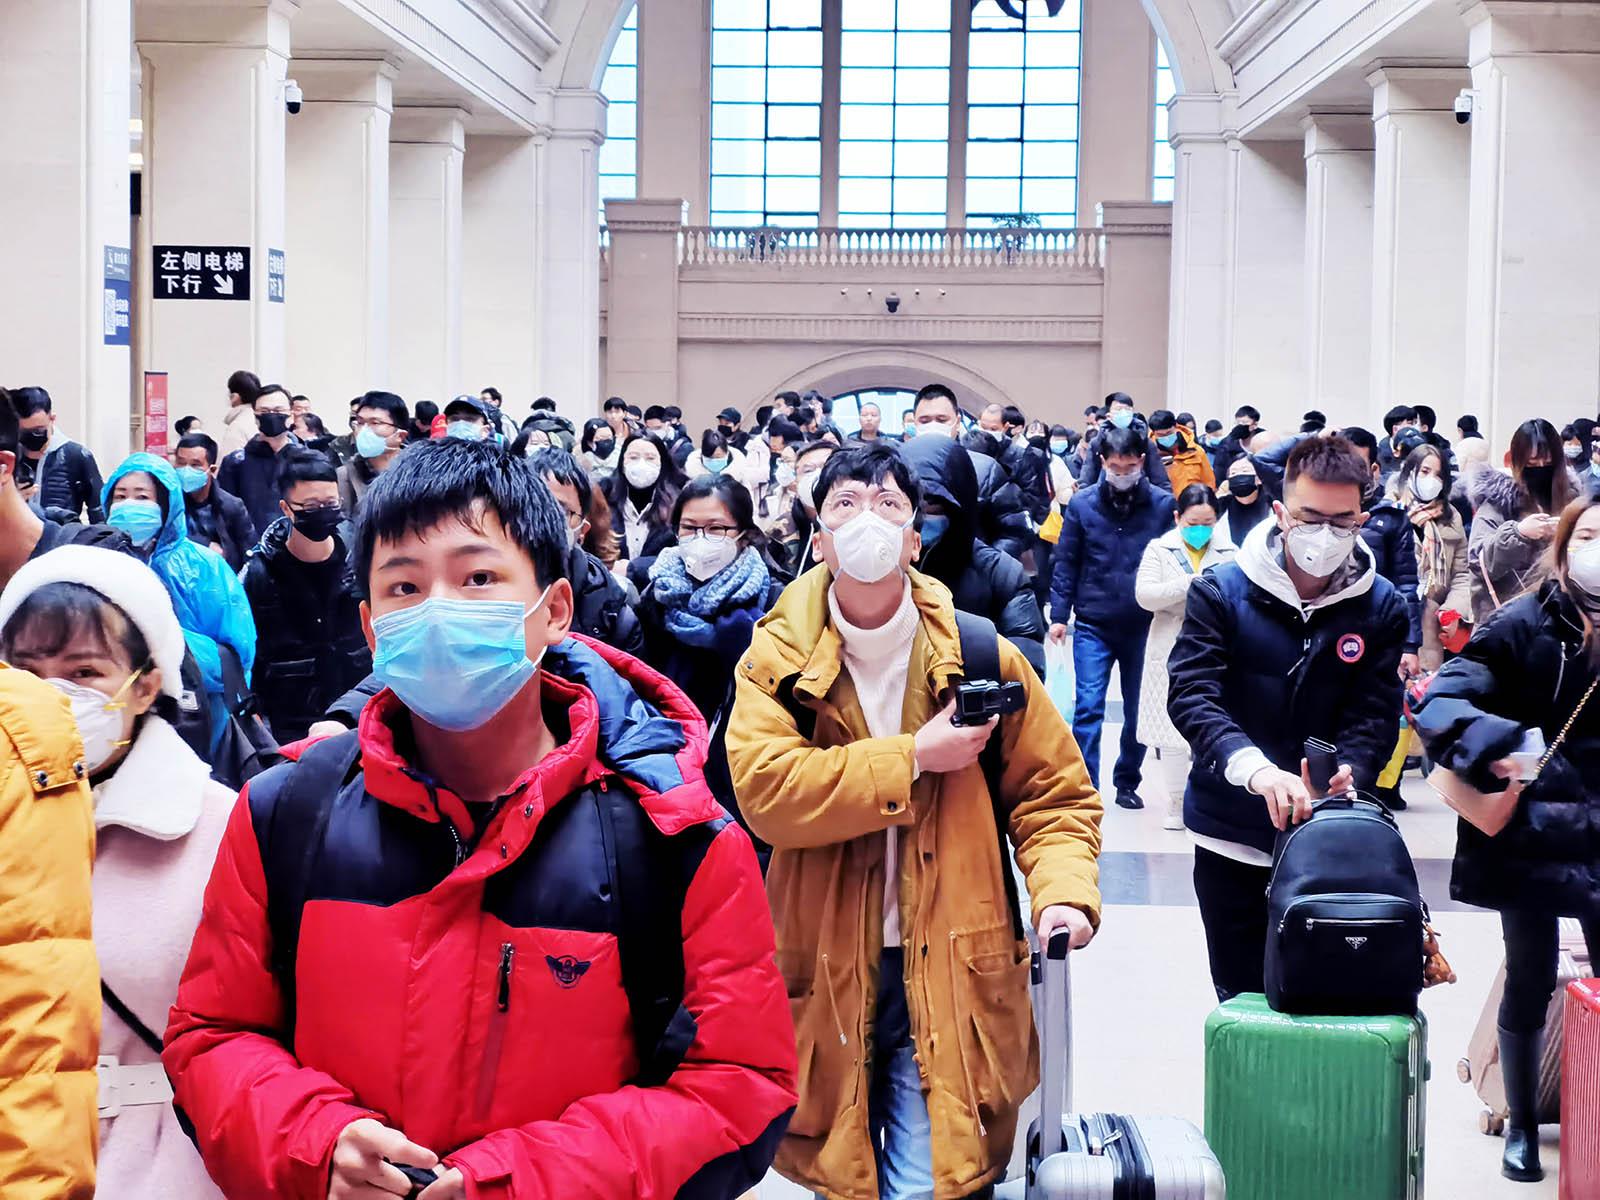 Perkembangan Dan Dampak Keadaan Mayarakat Jepang Terkait Pandemi Covid-19